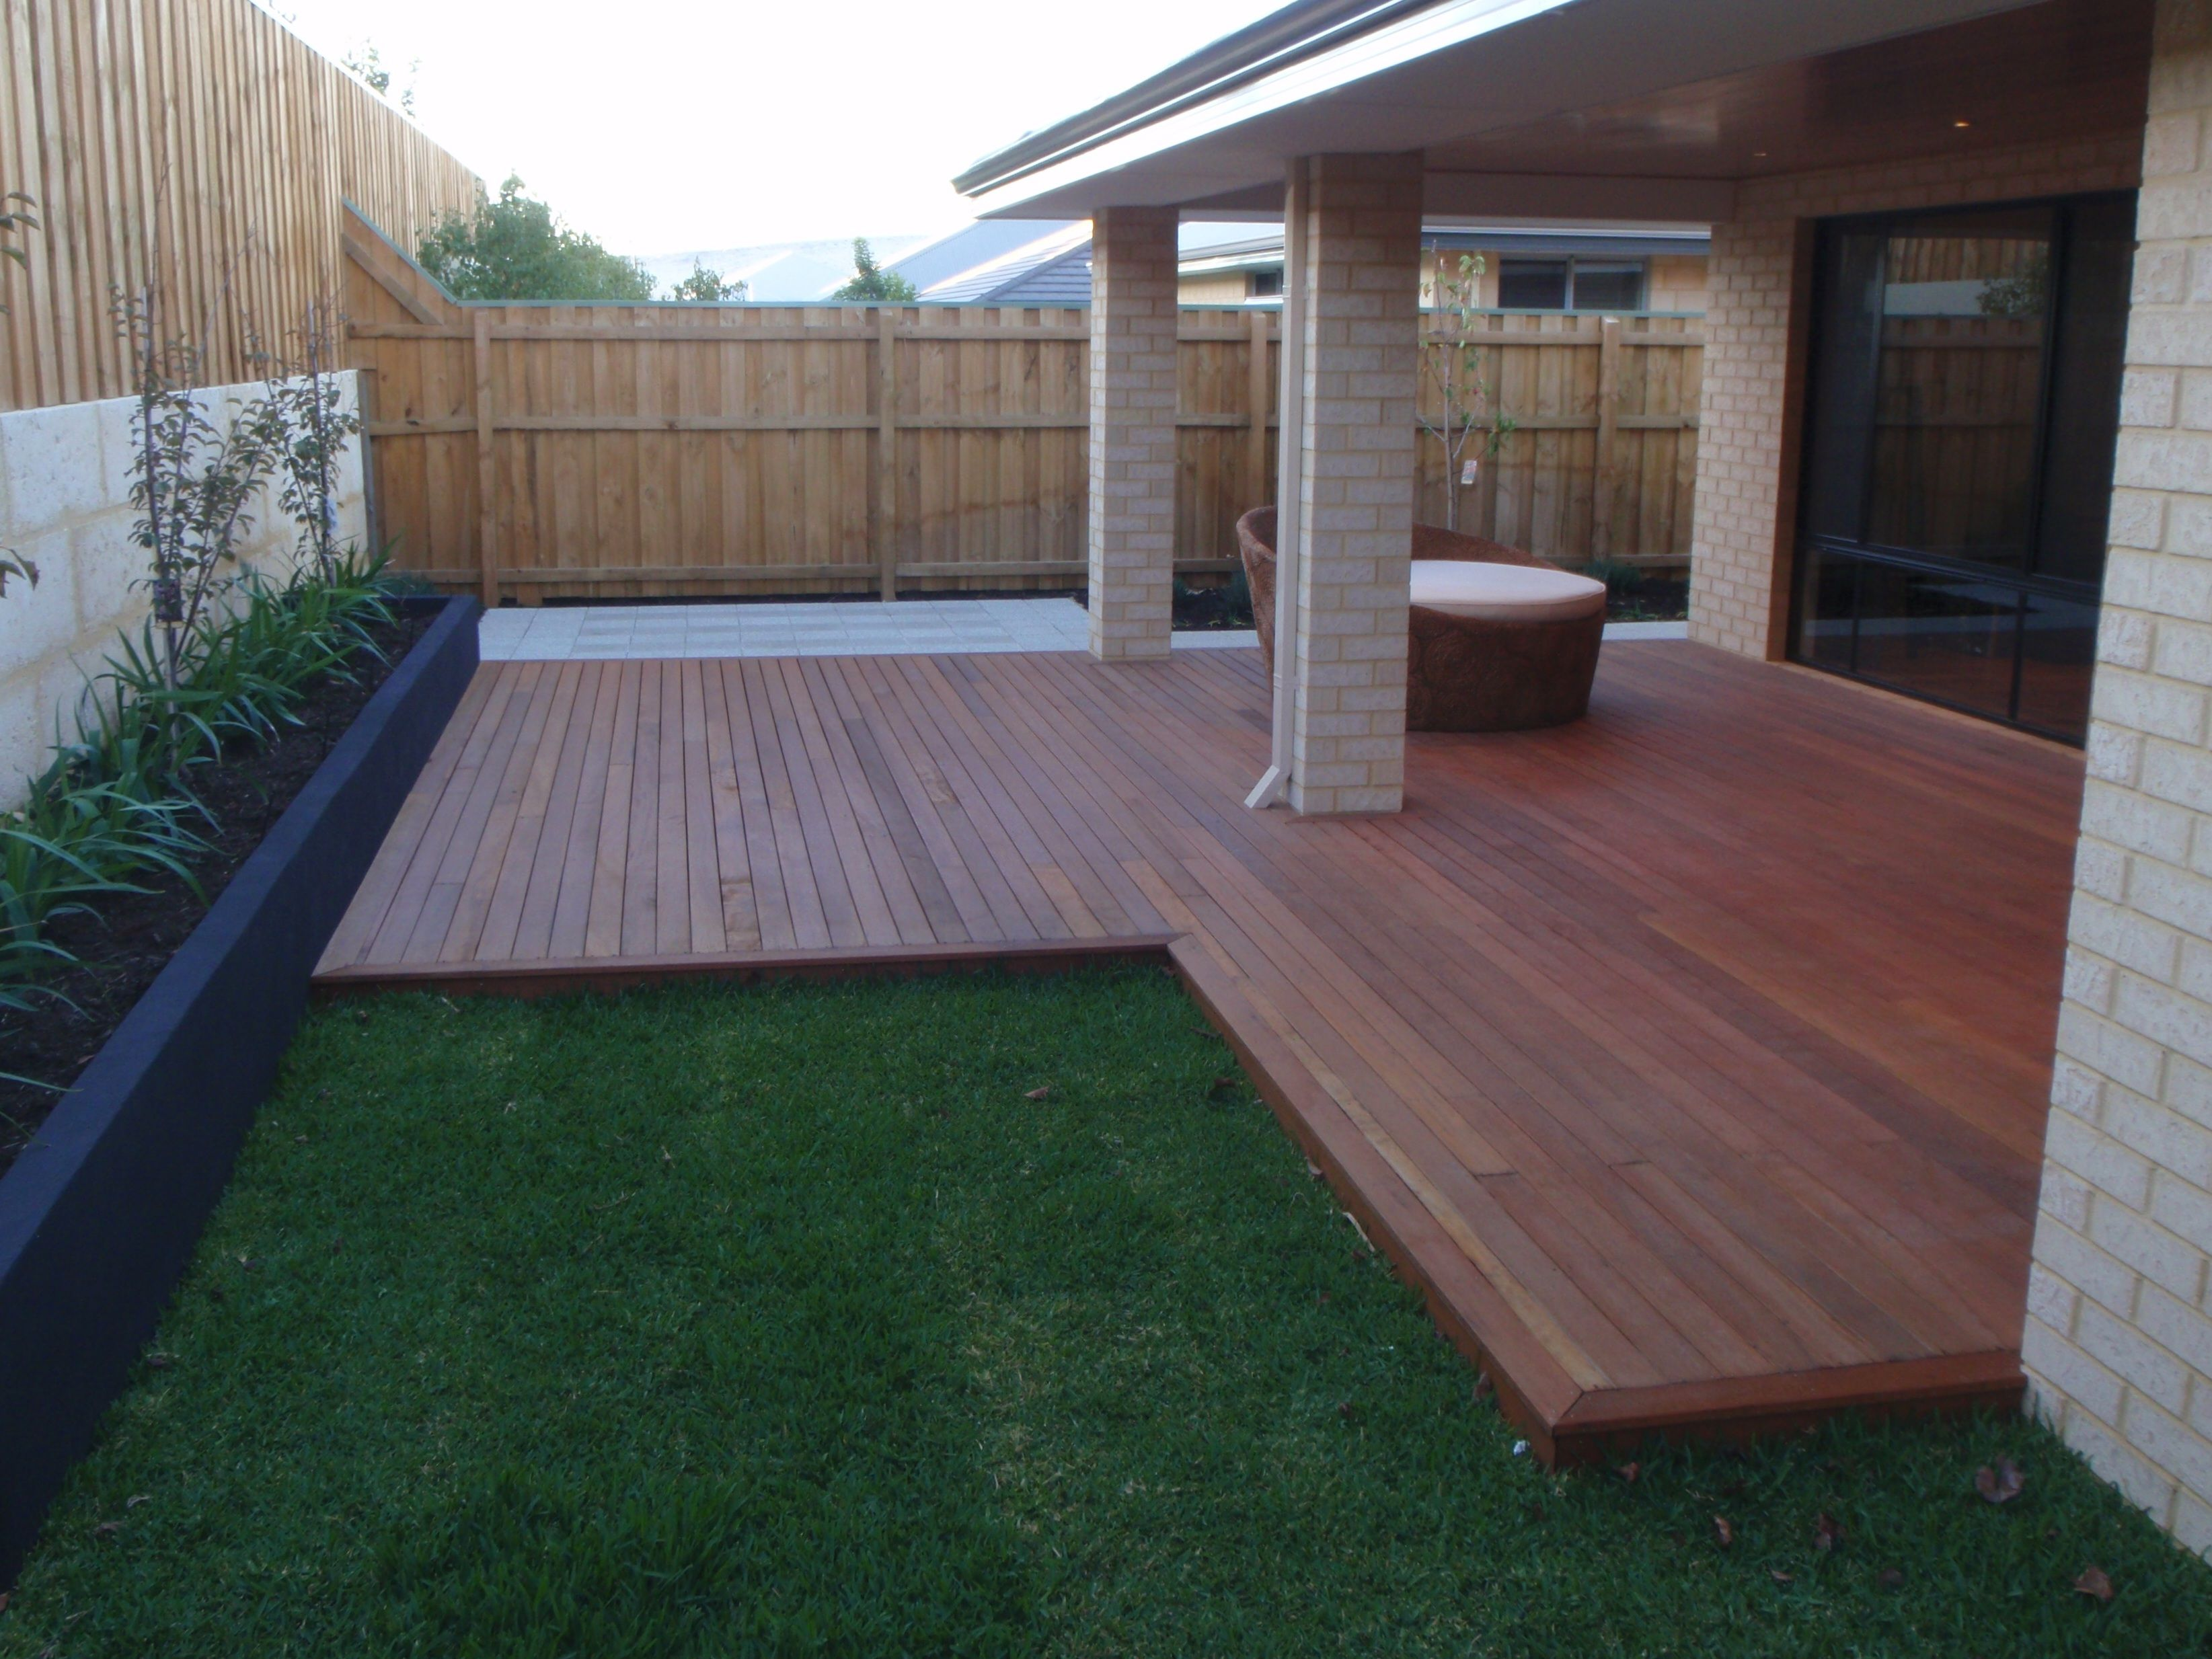 Gallery Deck Designs Backyard Backyard Decks Backyard